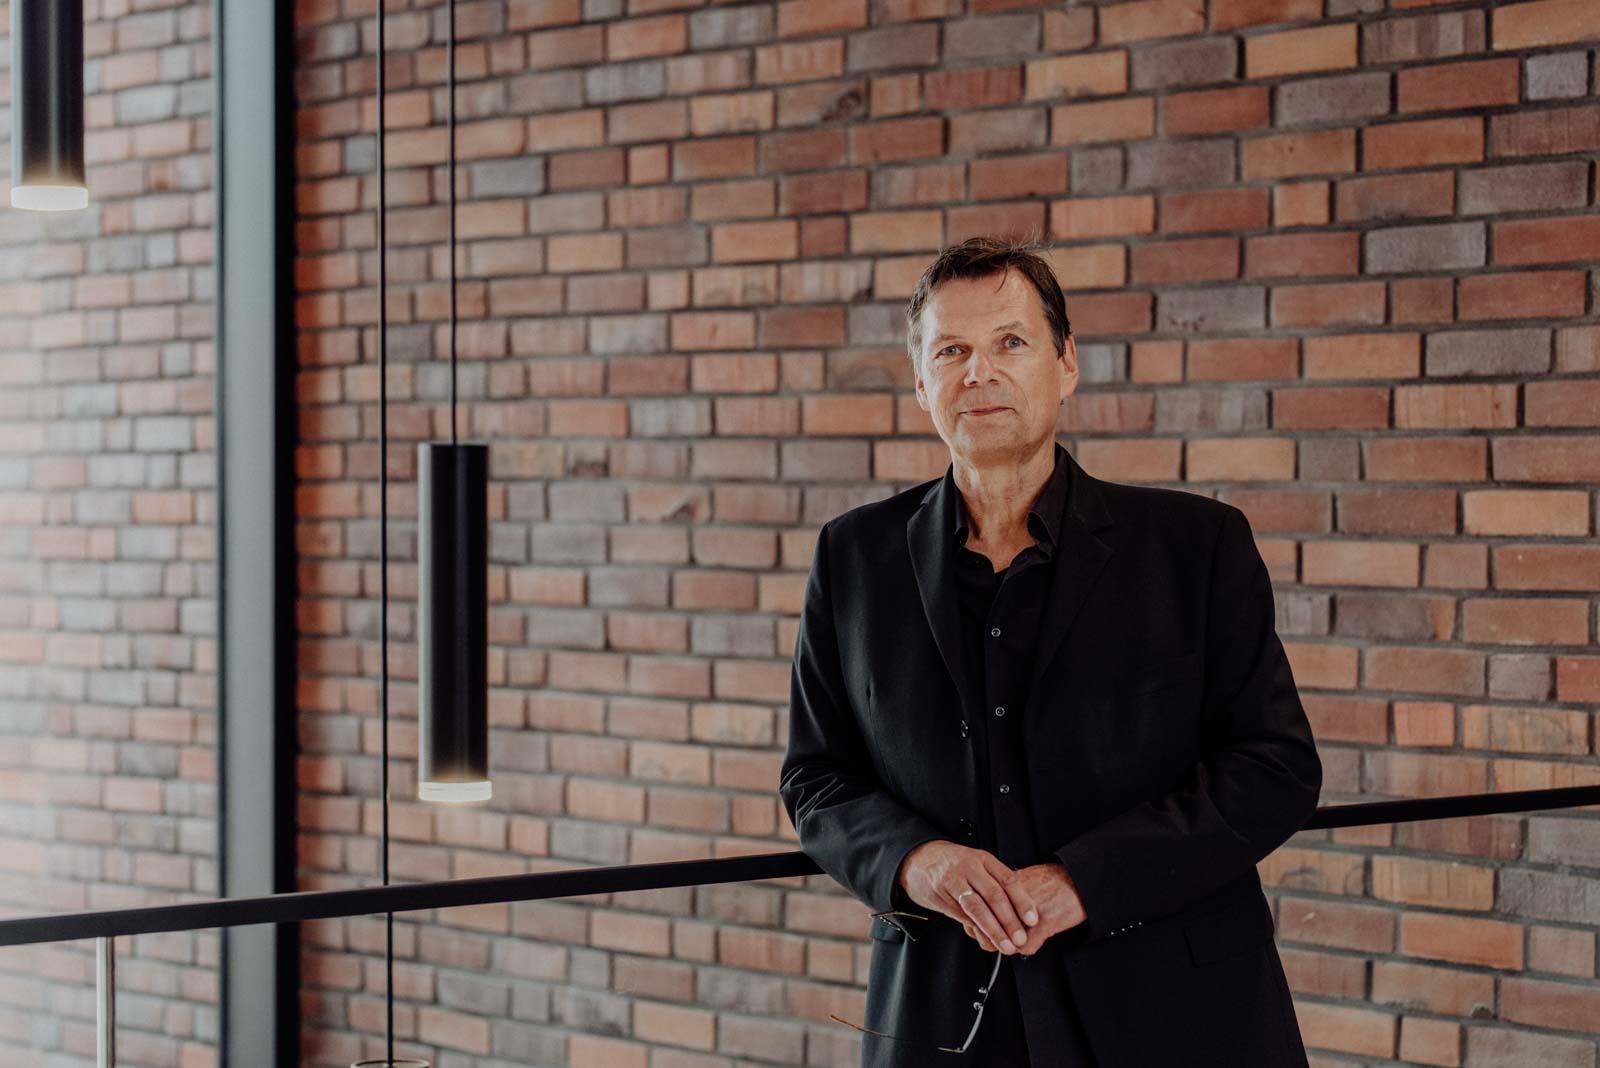 Businessreportage bei SHA Scheffler Helbich Architekten Dortmund